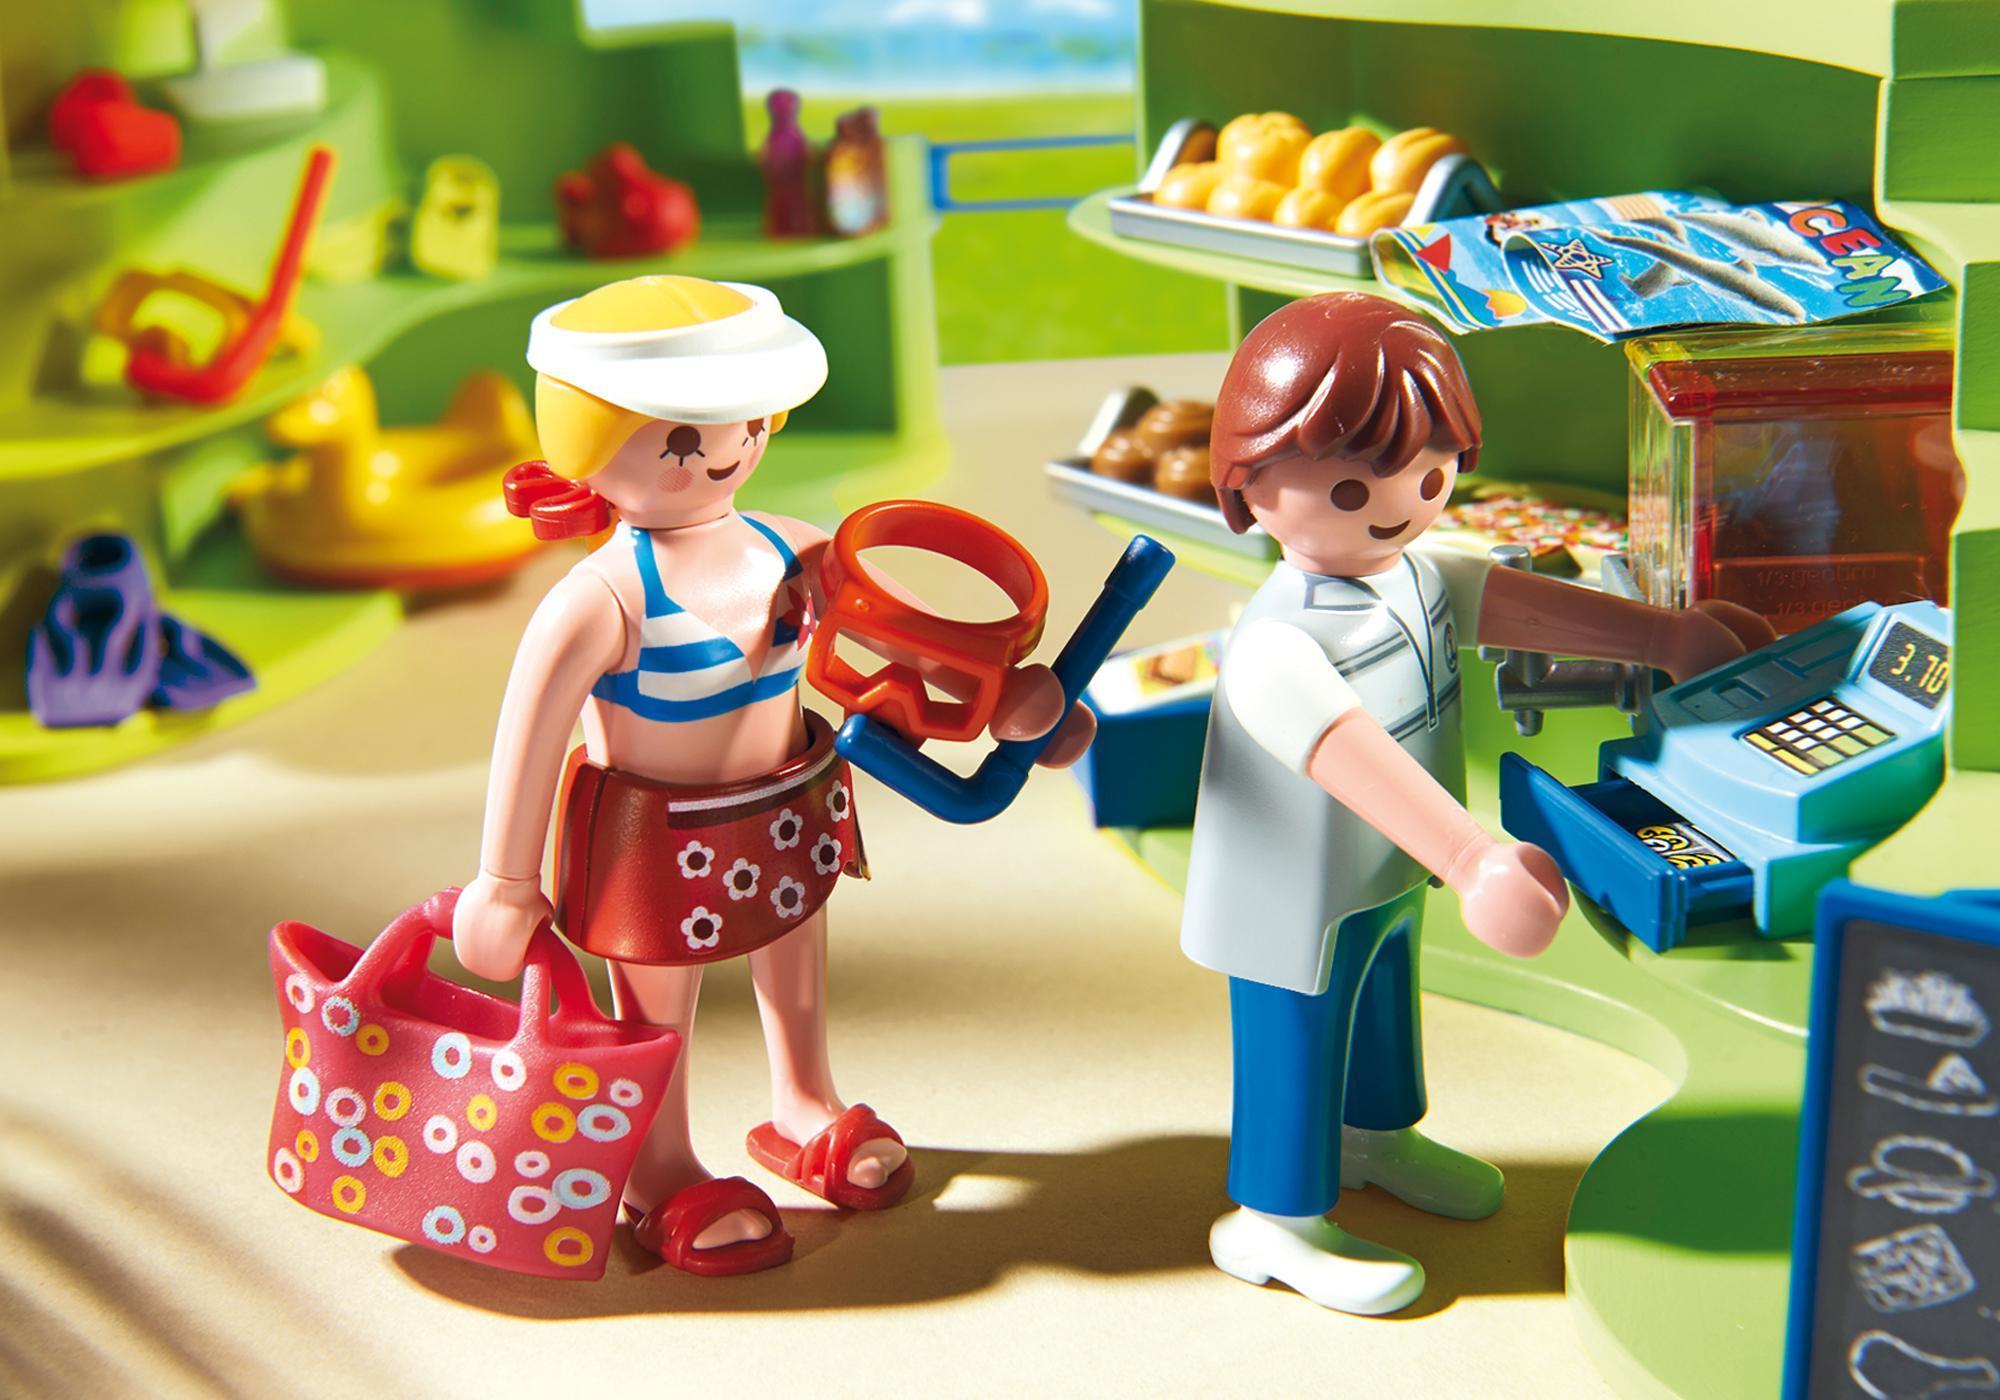 http://media.playmobil.com/i/playmobil/6672_product_extra1/Butik med snackbar